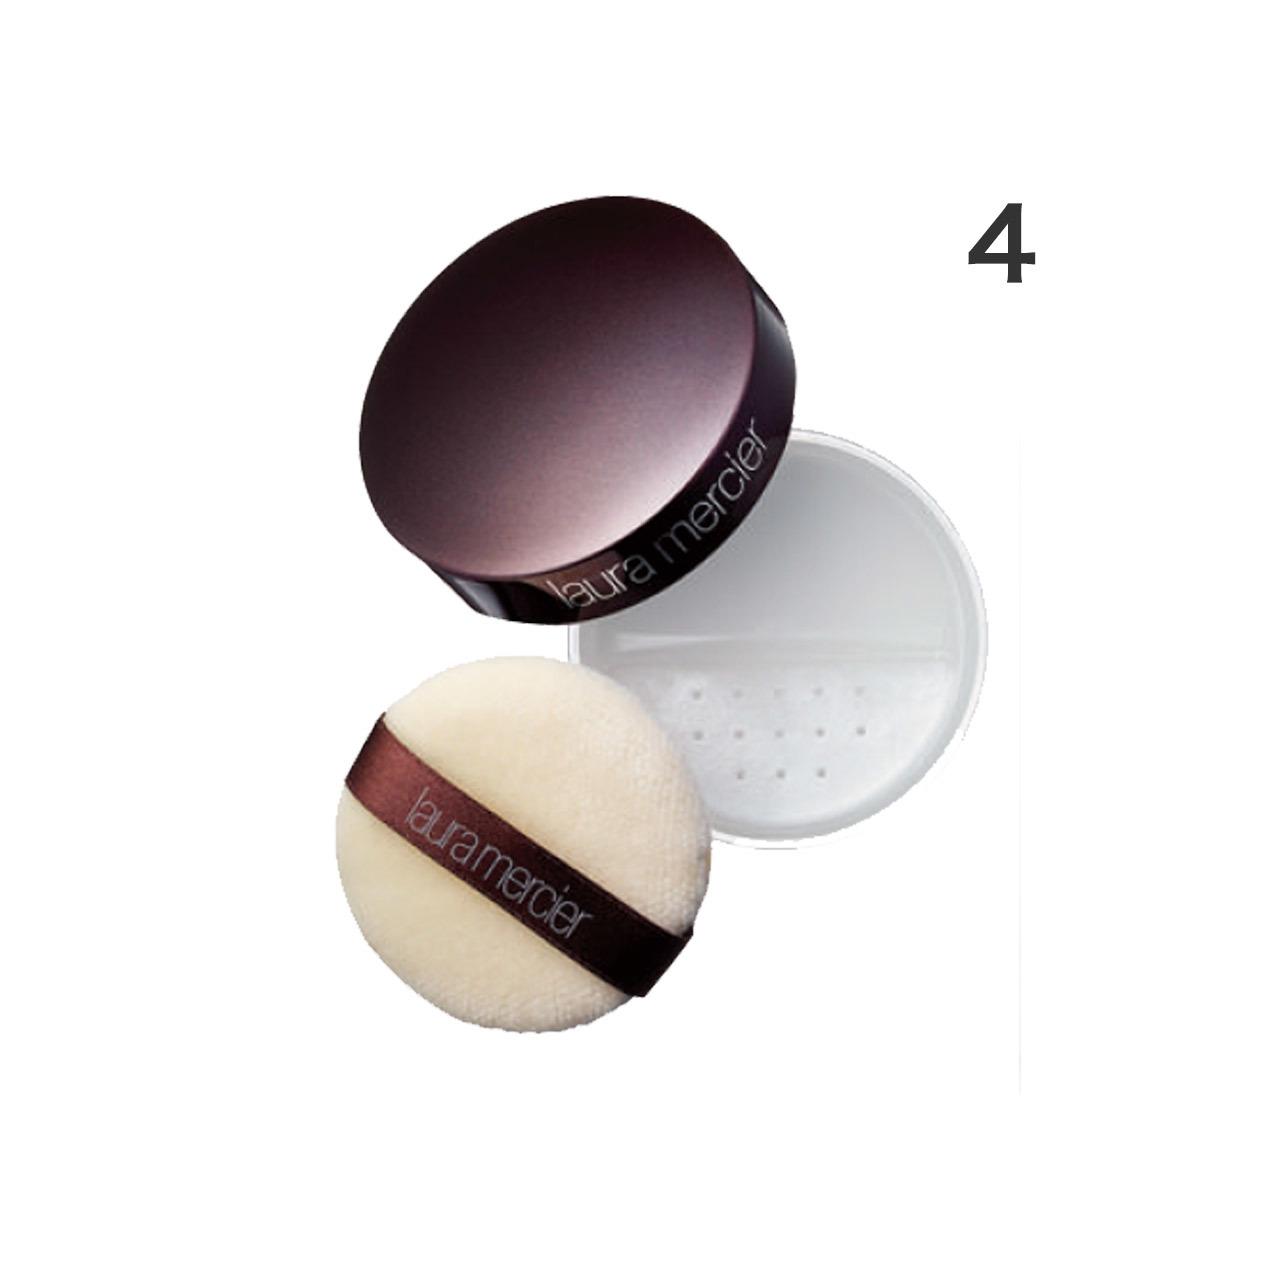 余分な皮脂を吸収するお粉は「ファンデーションのつけすぎが防げて、驚くほどキレイに仕上がります」